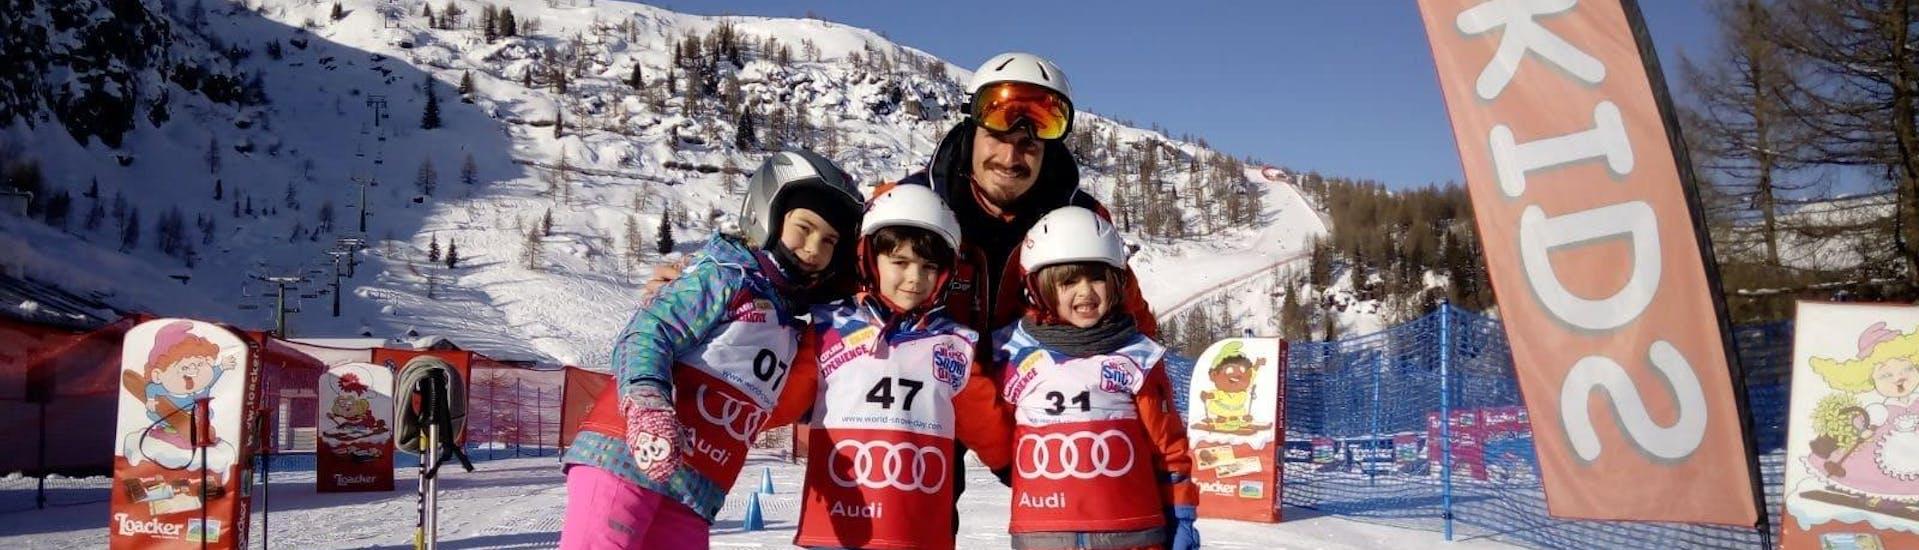 Curso de esquí para niños a partir de 4 años para todos los niveles